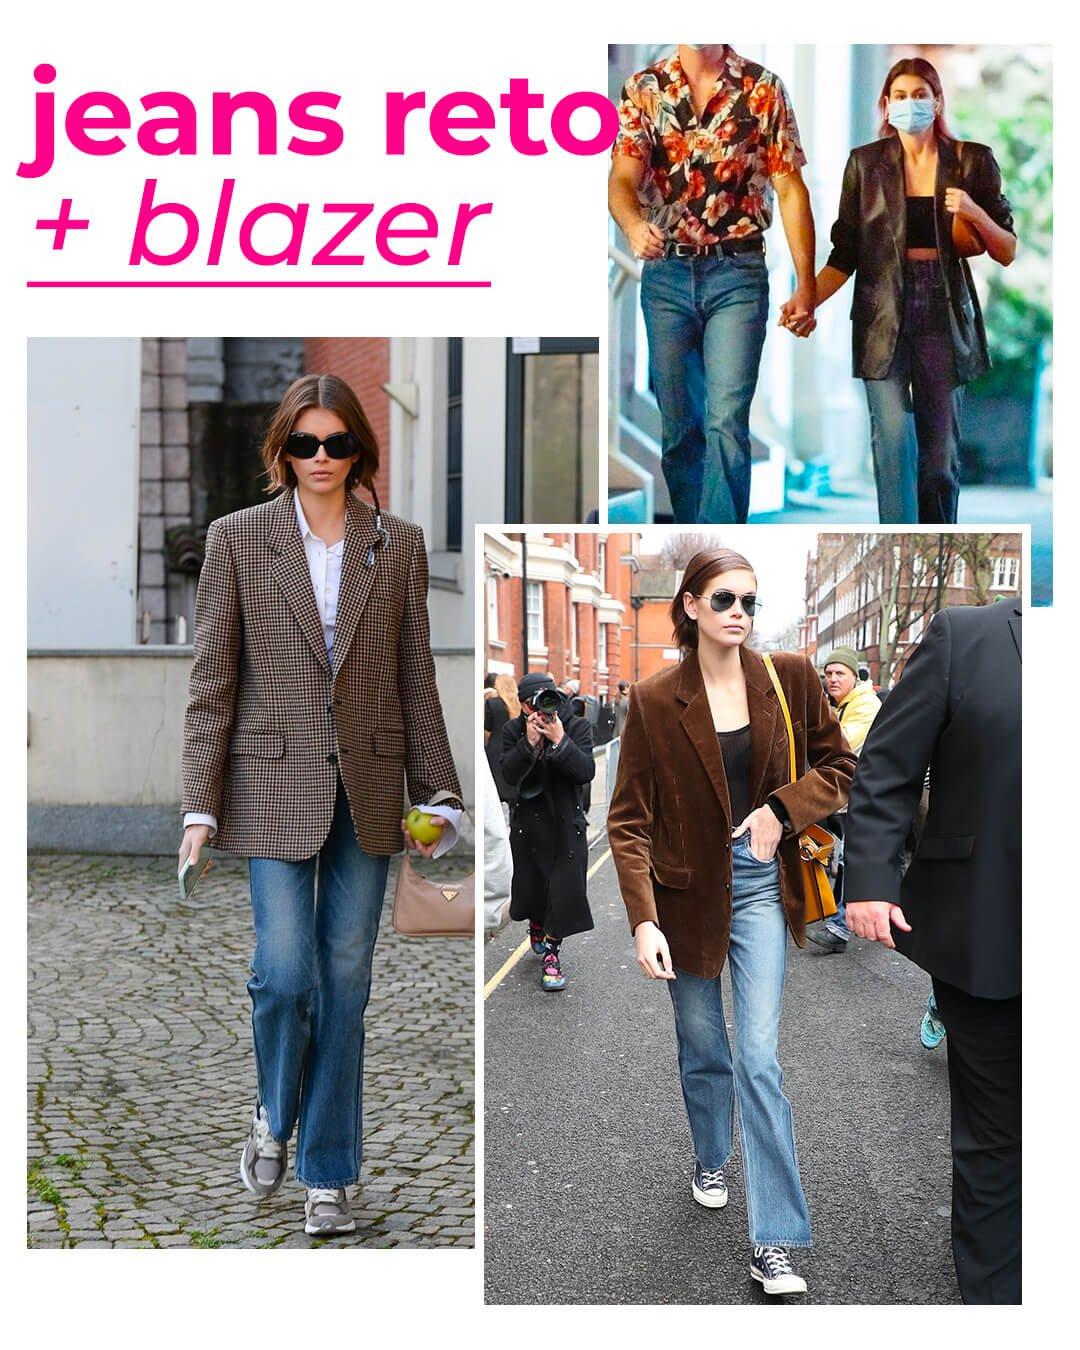 Kaia Gerber - Calça jeans - Blazer - Verão - Street Style - https://stealthelook.com.br